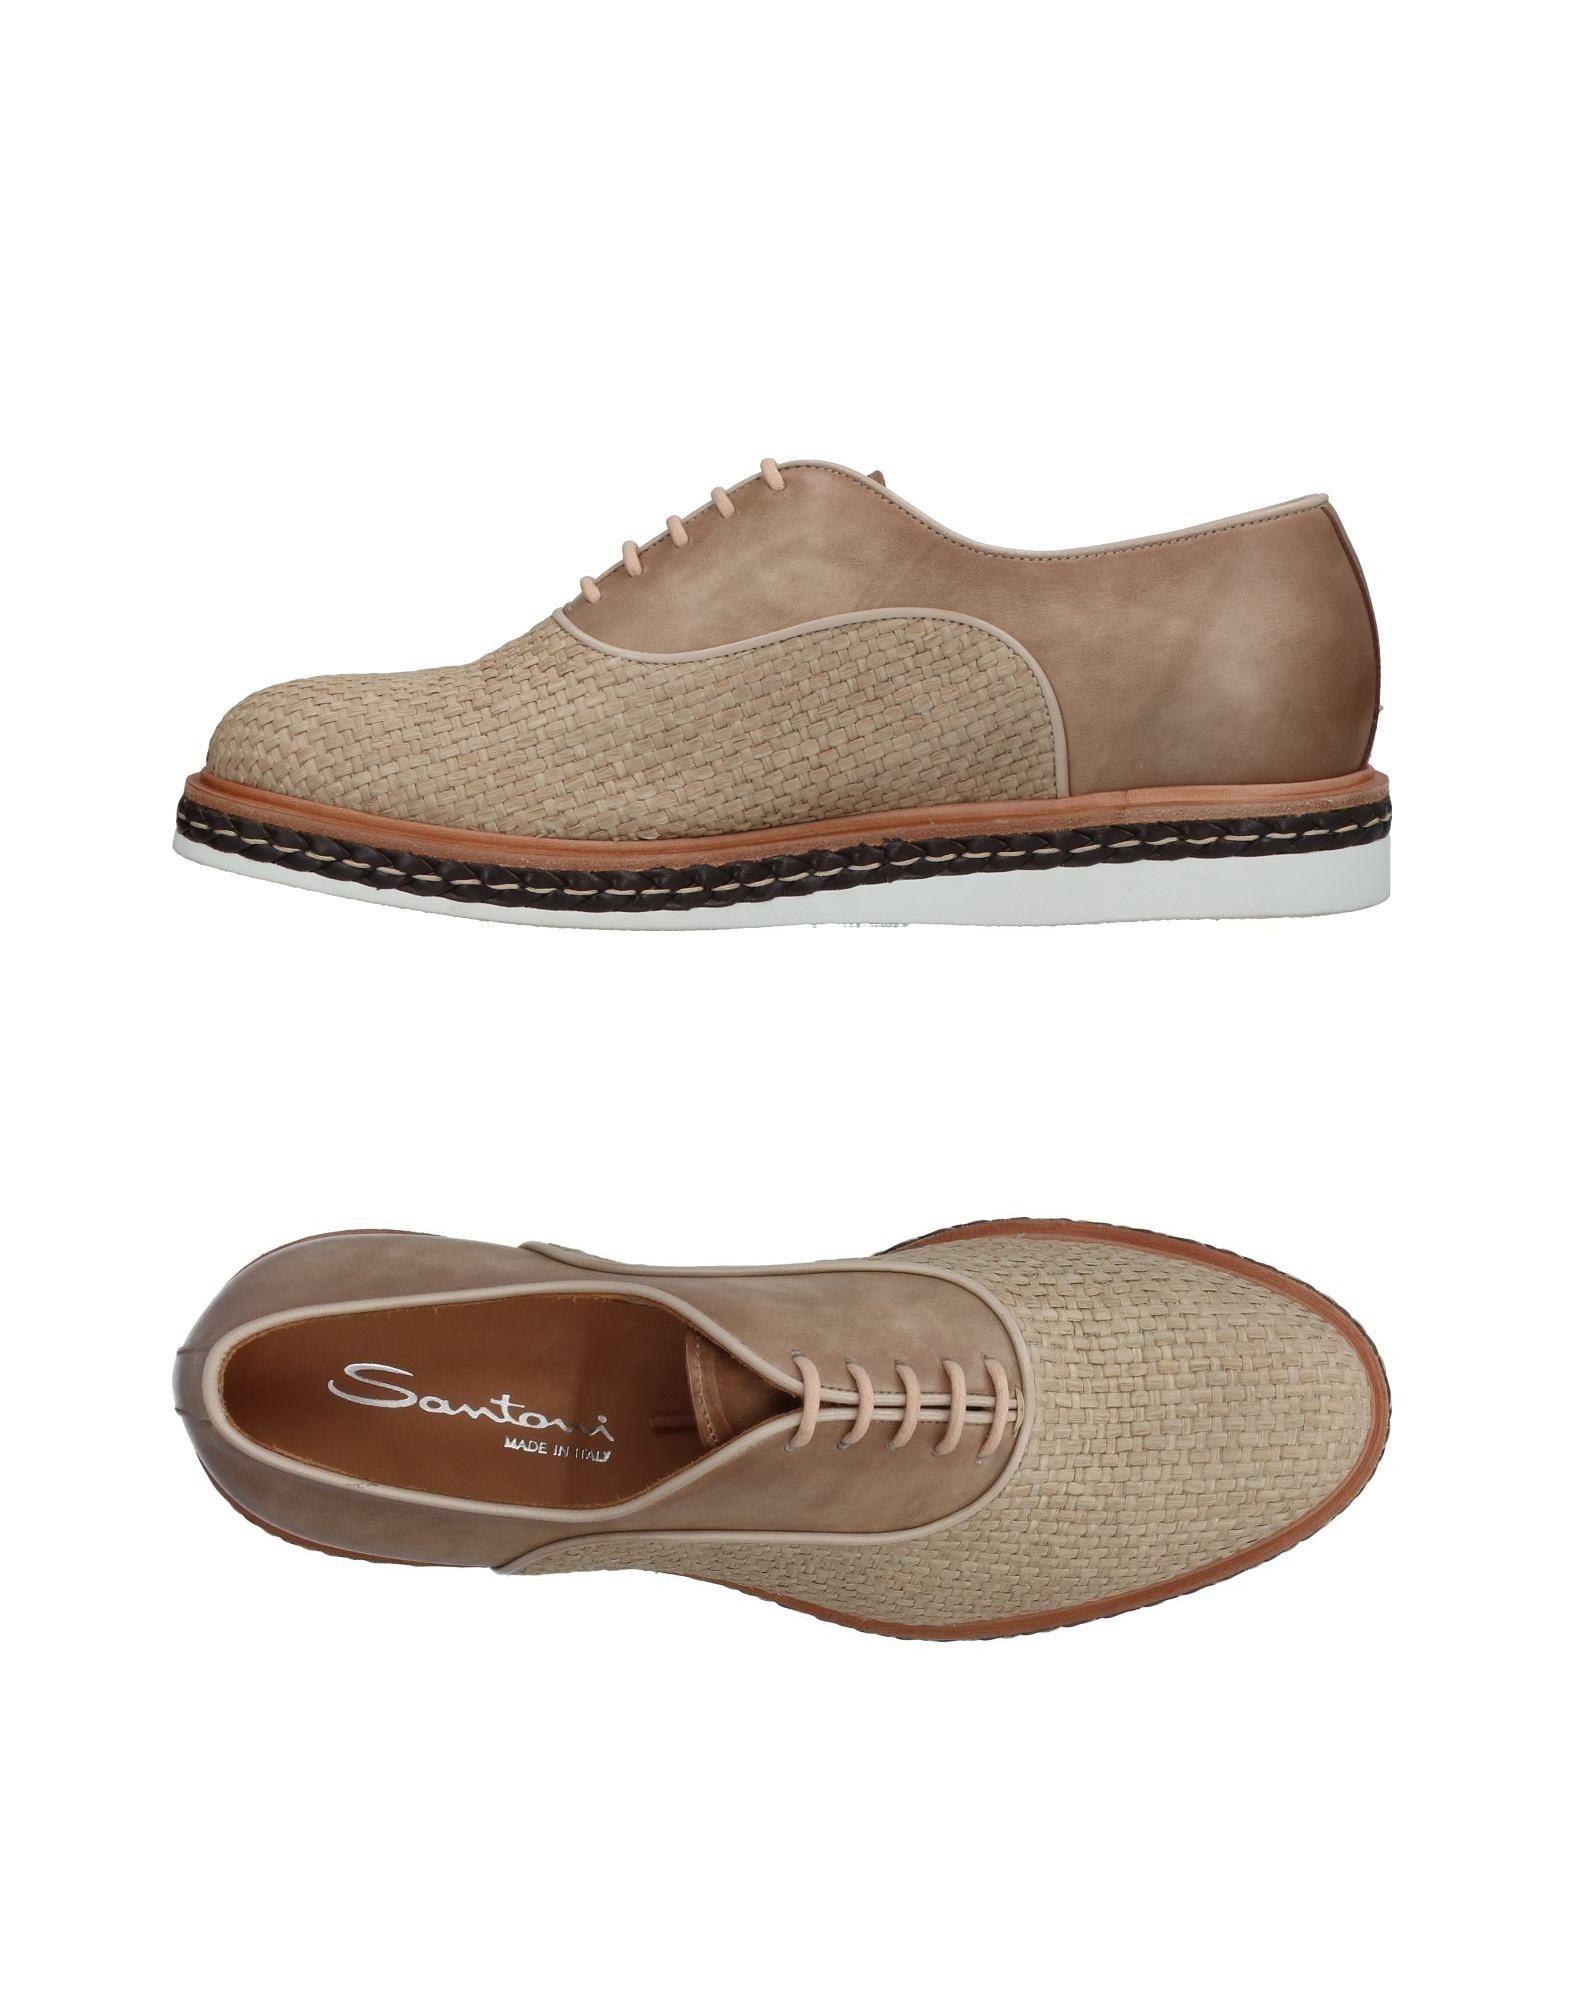 Santoni Schnürschuhe Herren  11410524AG Gute Qualität beliebte Schuhe